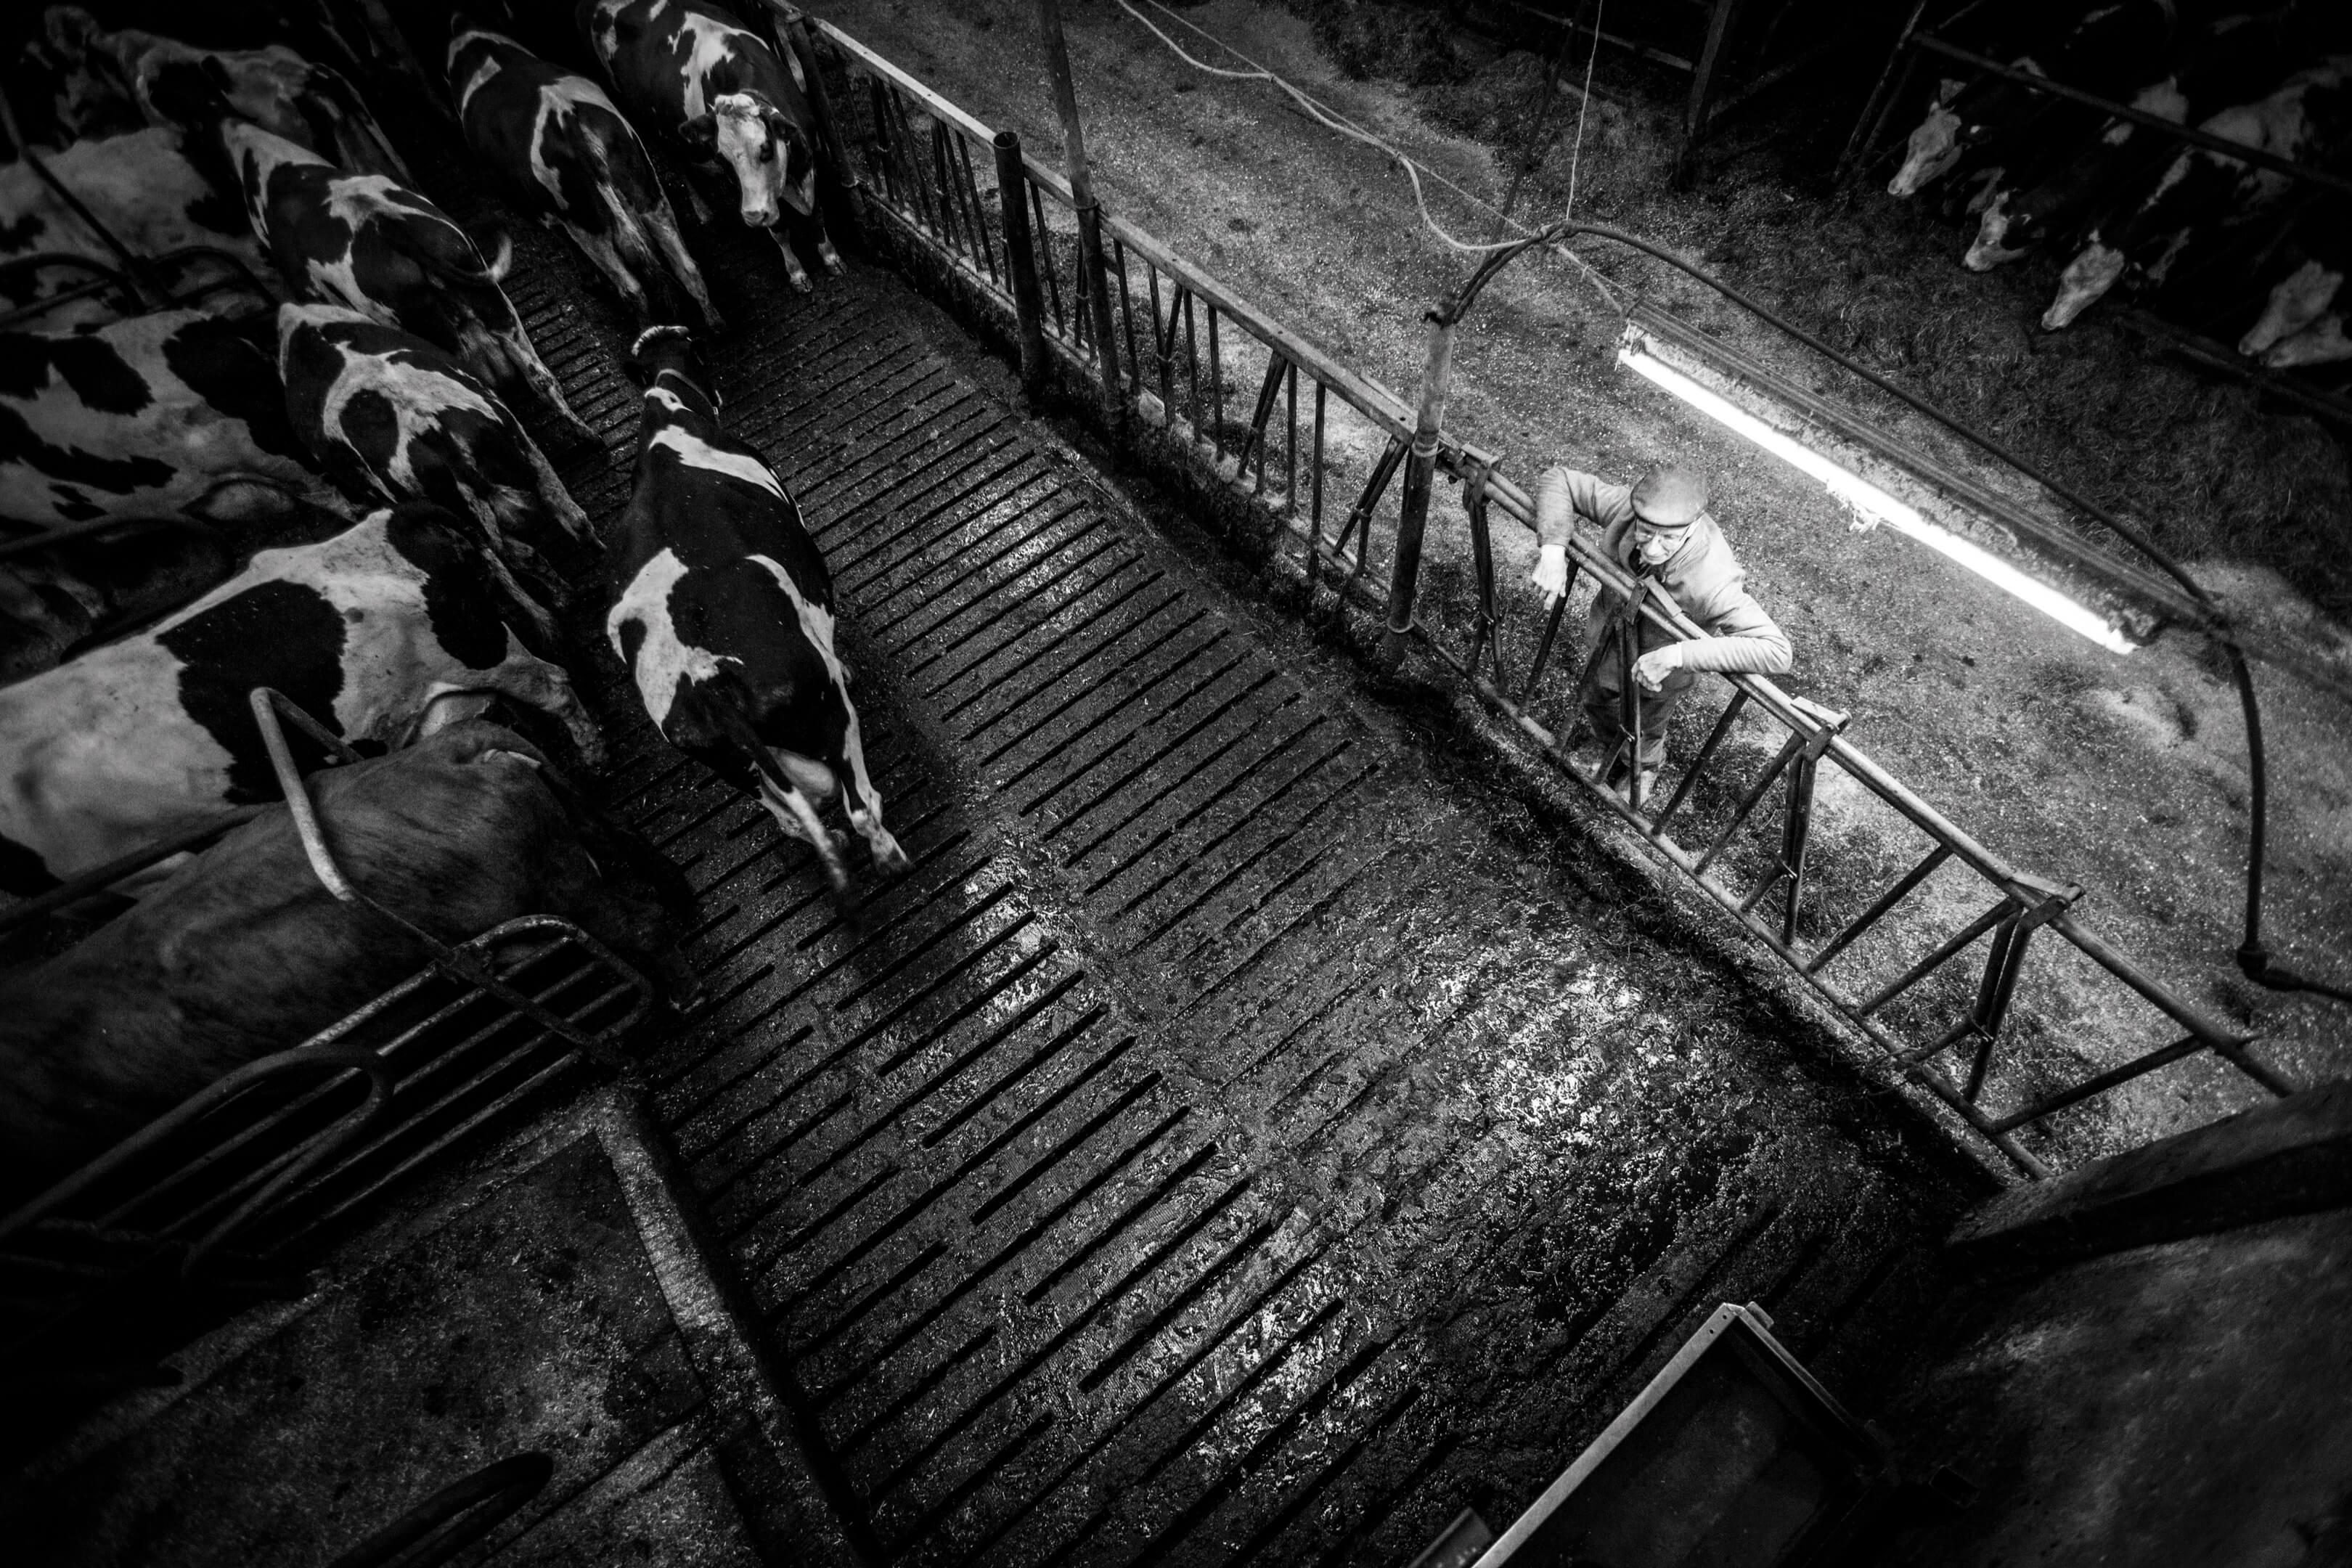 Jelle Hidma koeien van Jelle lakenvelders reportage zwart wit zw Jur Jurjen Poeles Fotografie vrij werk boerderij Twente biologische veeteelt duurzaam biologisch